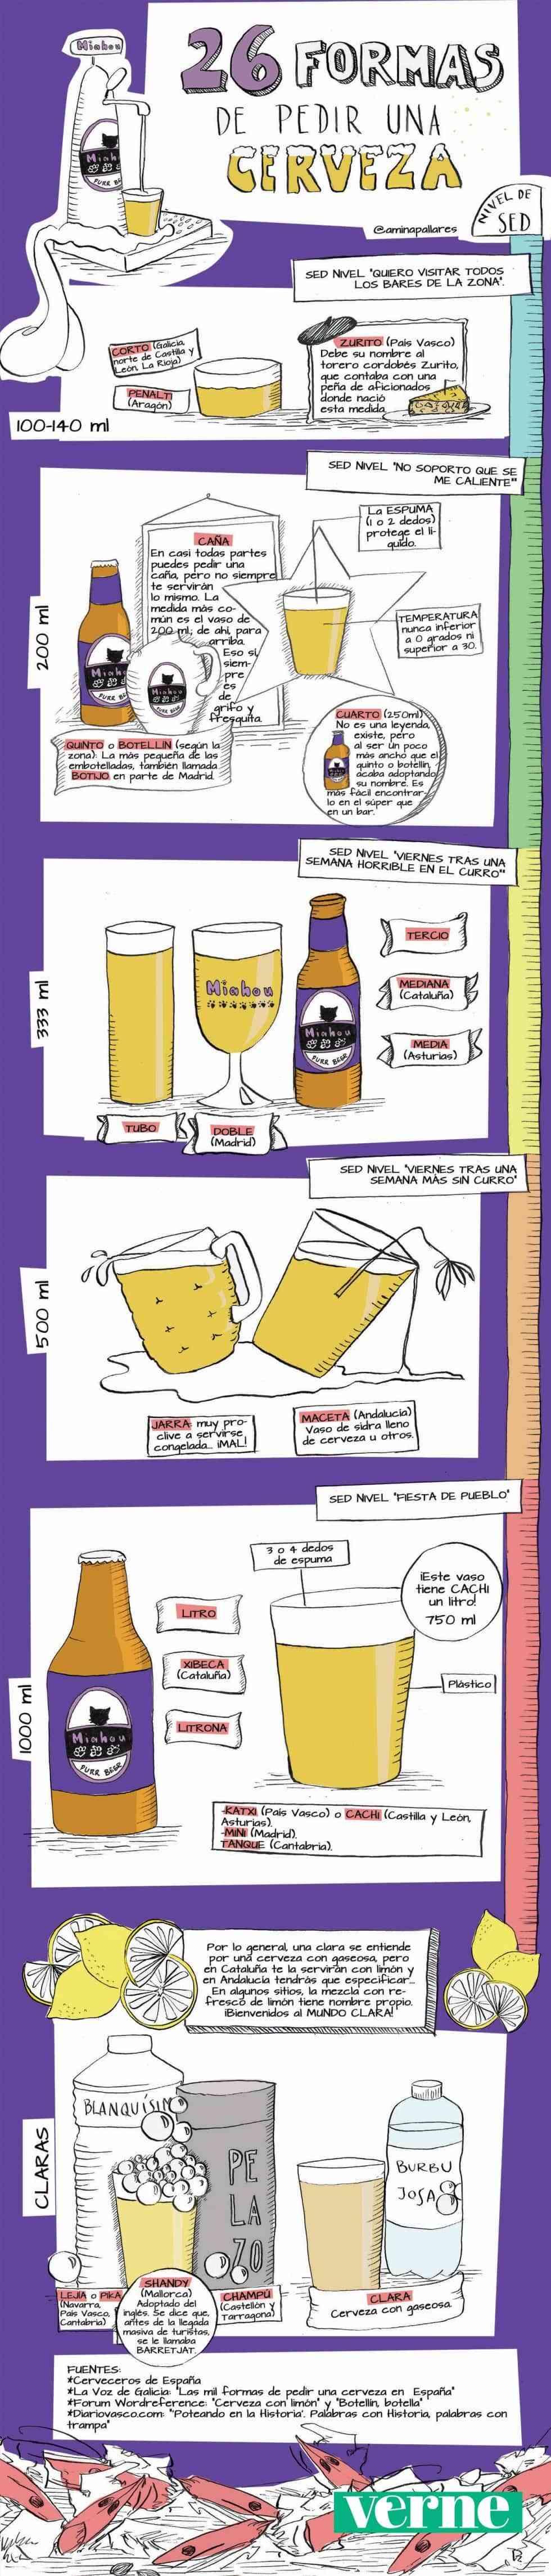 26 formas de pedir cerveza en España